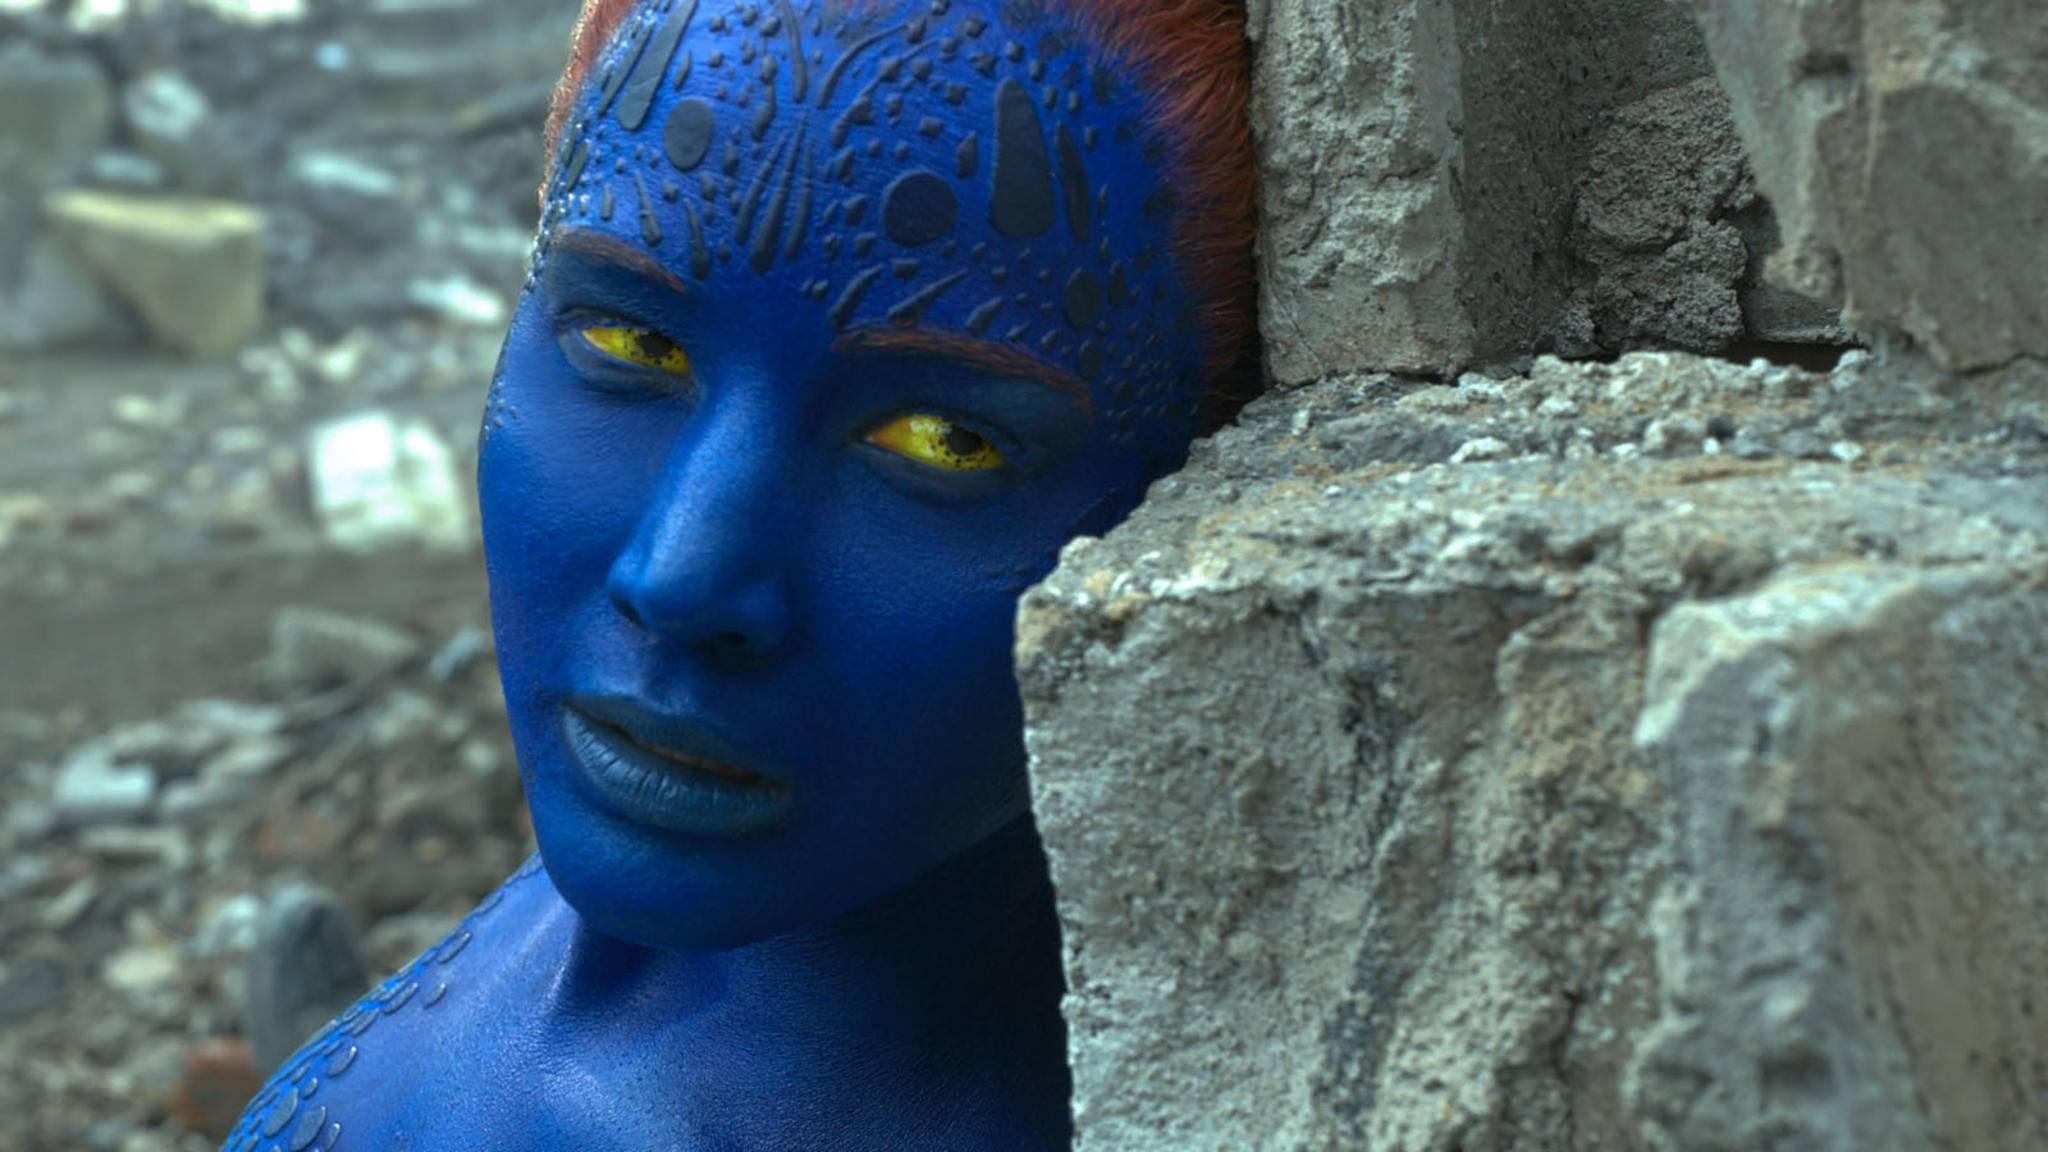 Sollte sich nicht länger hinter den X-Men verstecken: Mutantin Mystique hätte längst einen eigenen Film verdient.